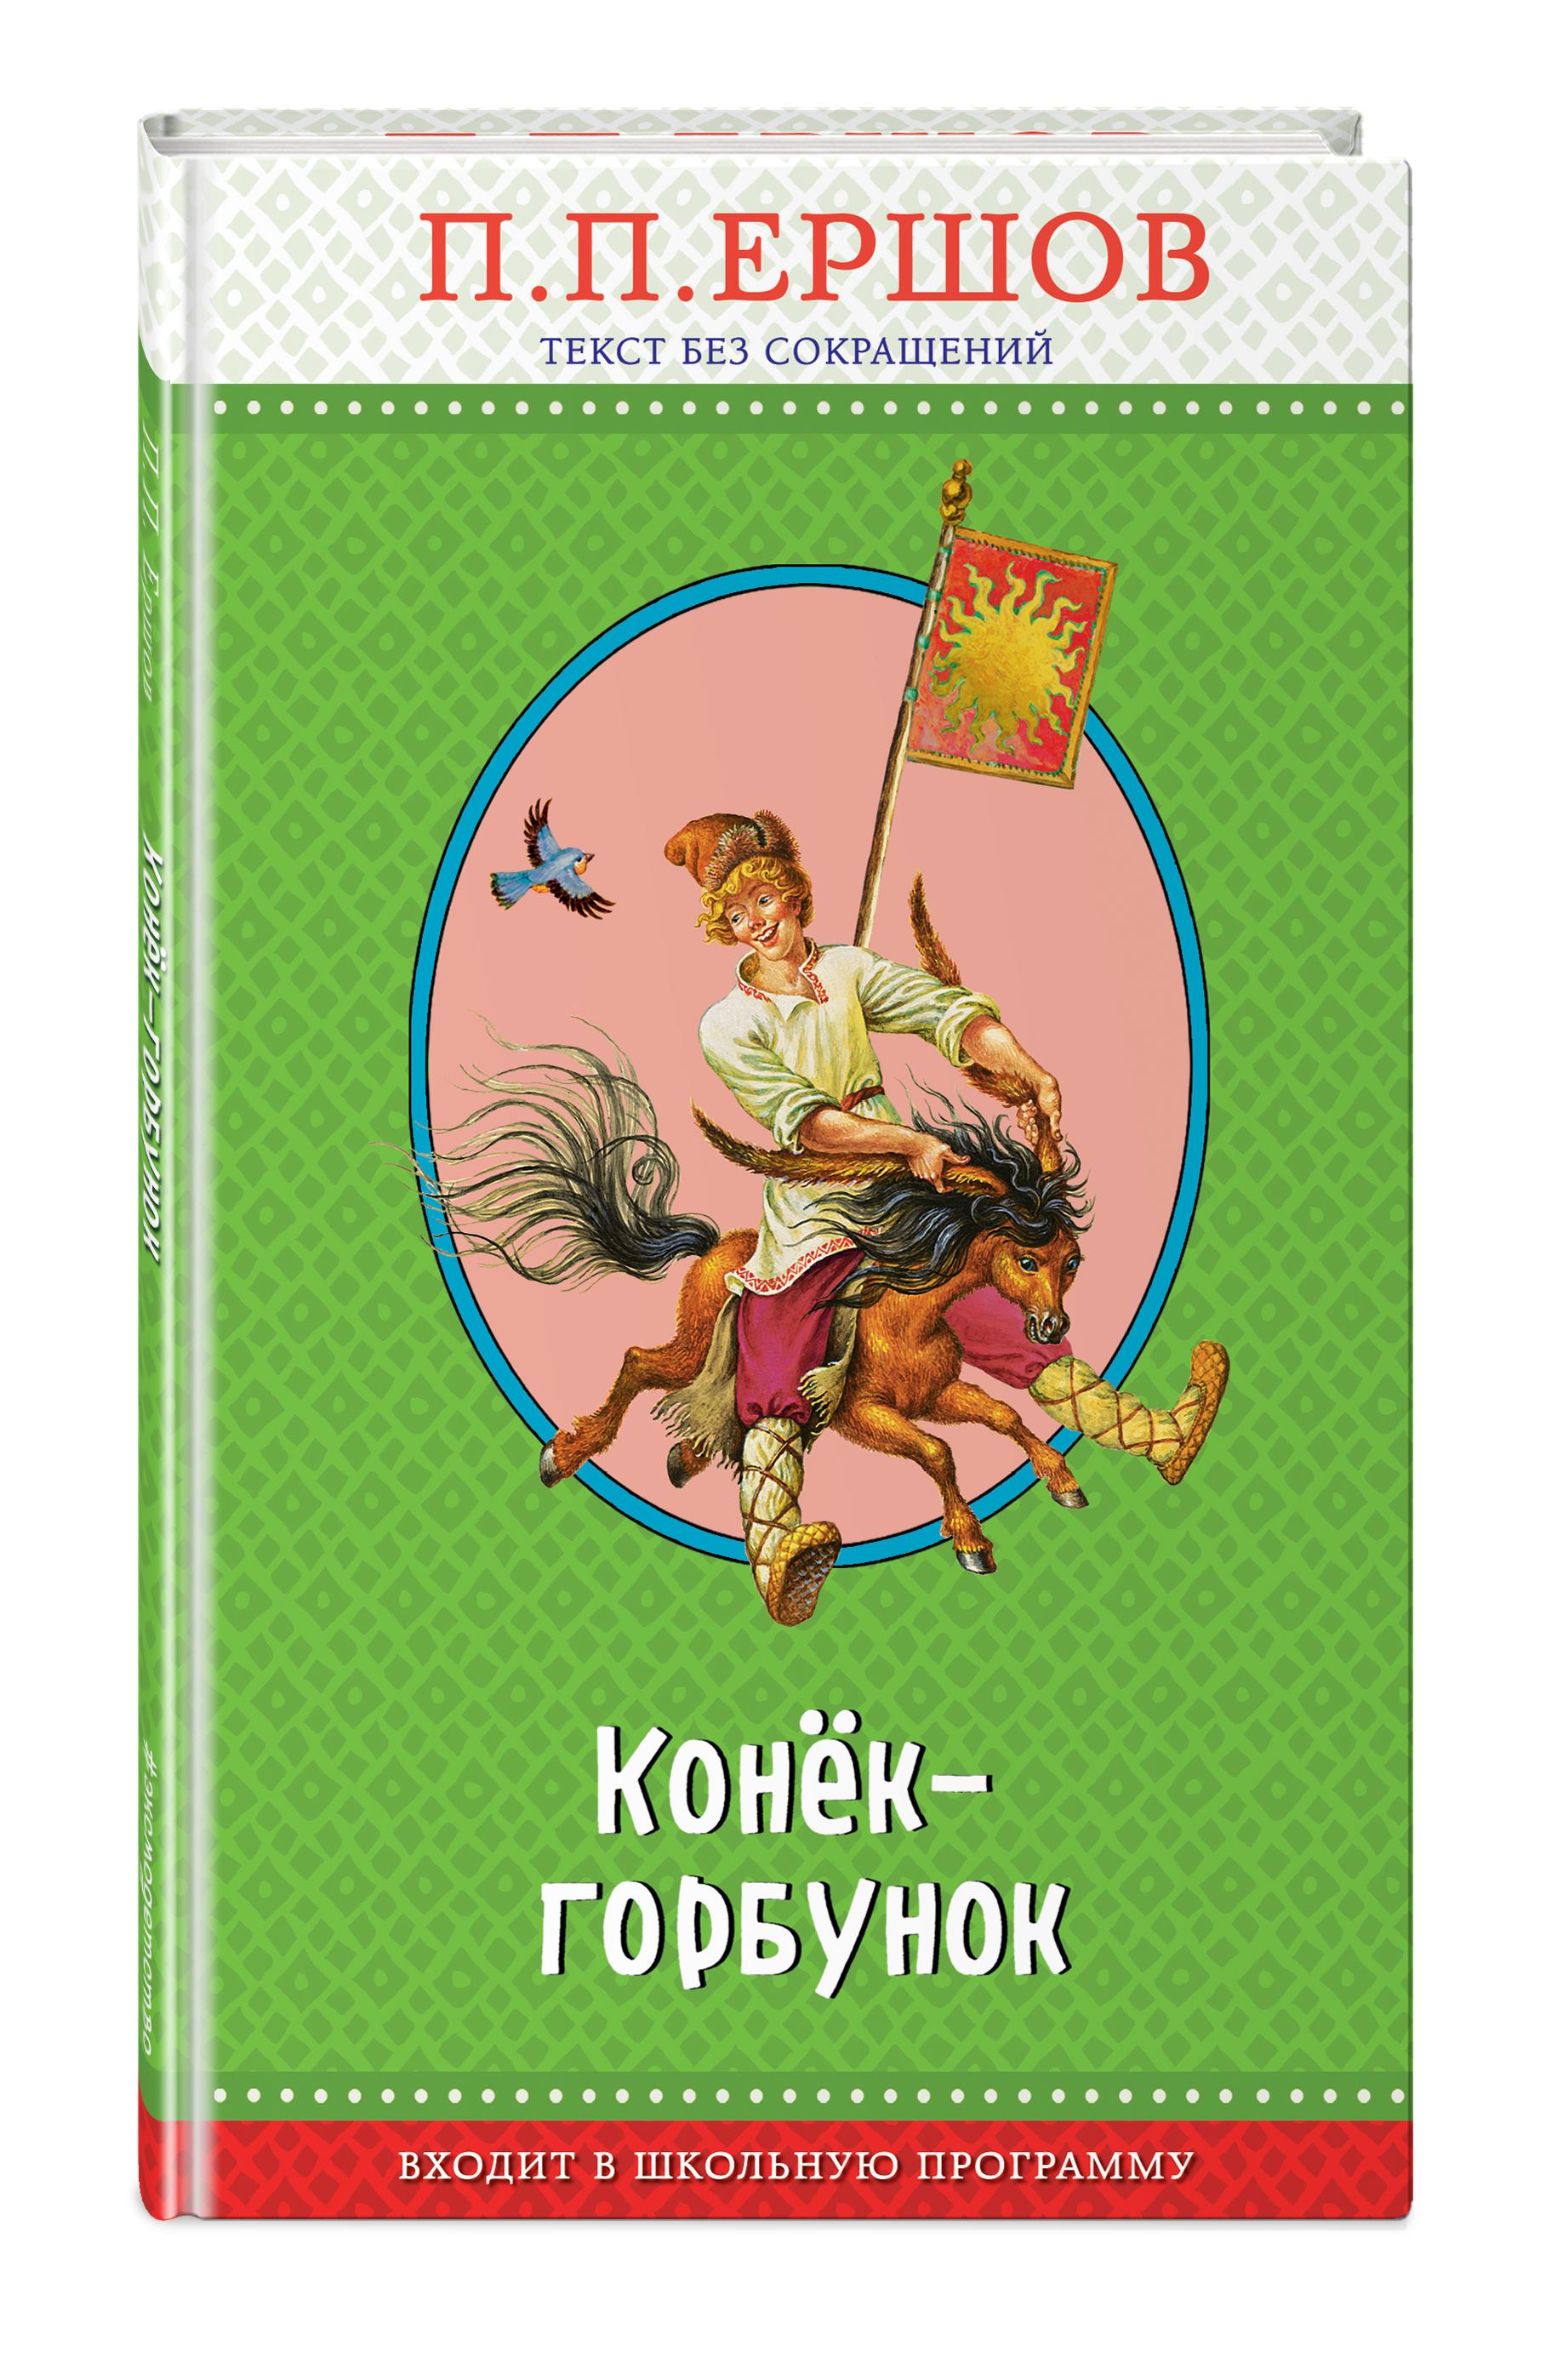 П. П. Ершов Конек-горбунок щедрин р конек горбунок фрагменты балета по мотивам одноименной сказки п ершова